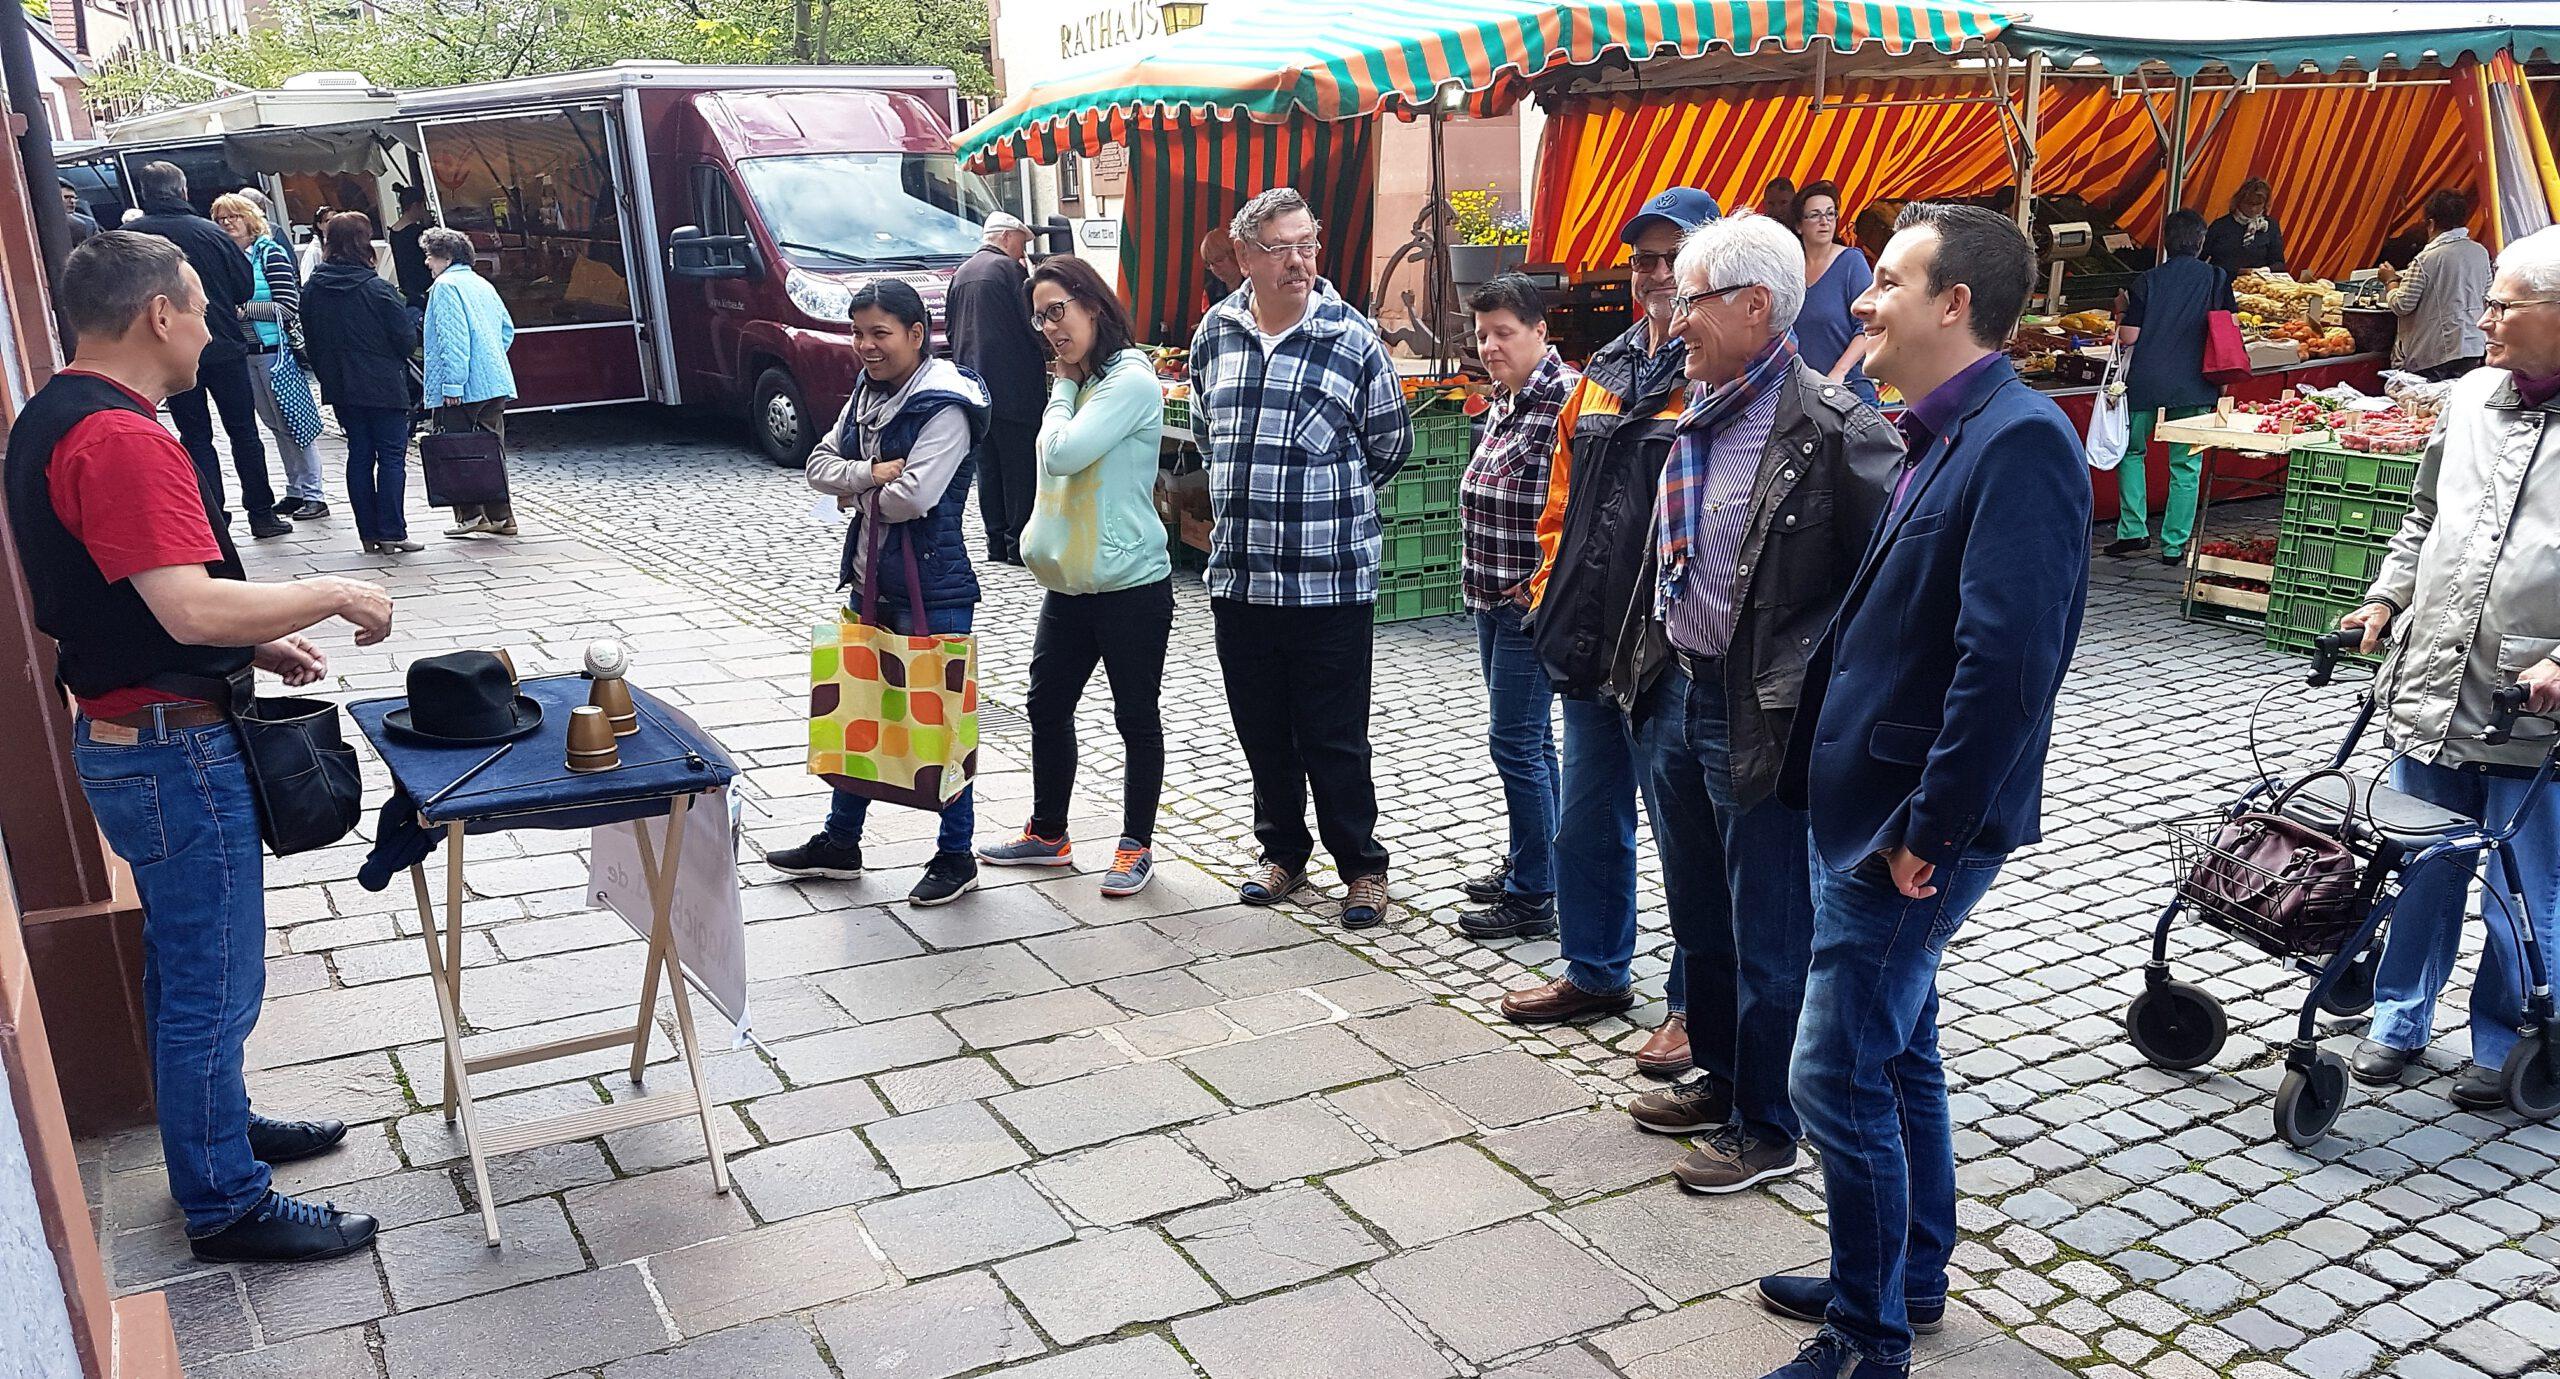 Annweiler Wochenmarkt soll attraktiver werden